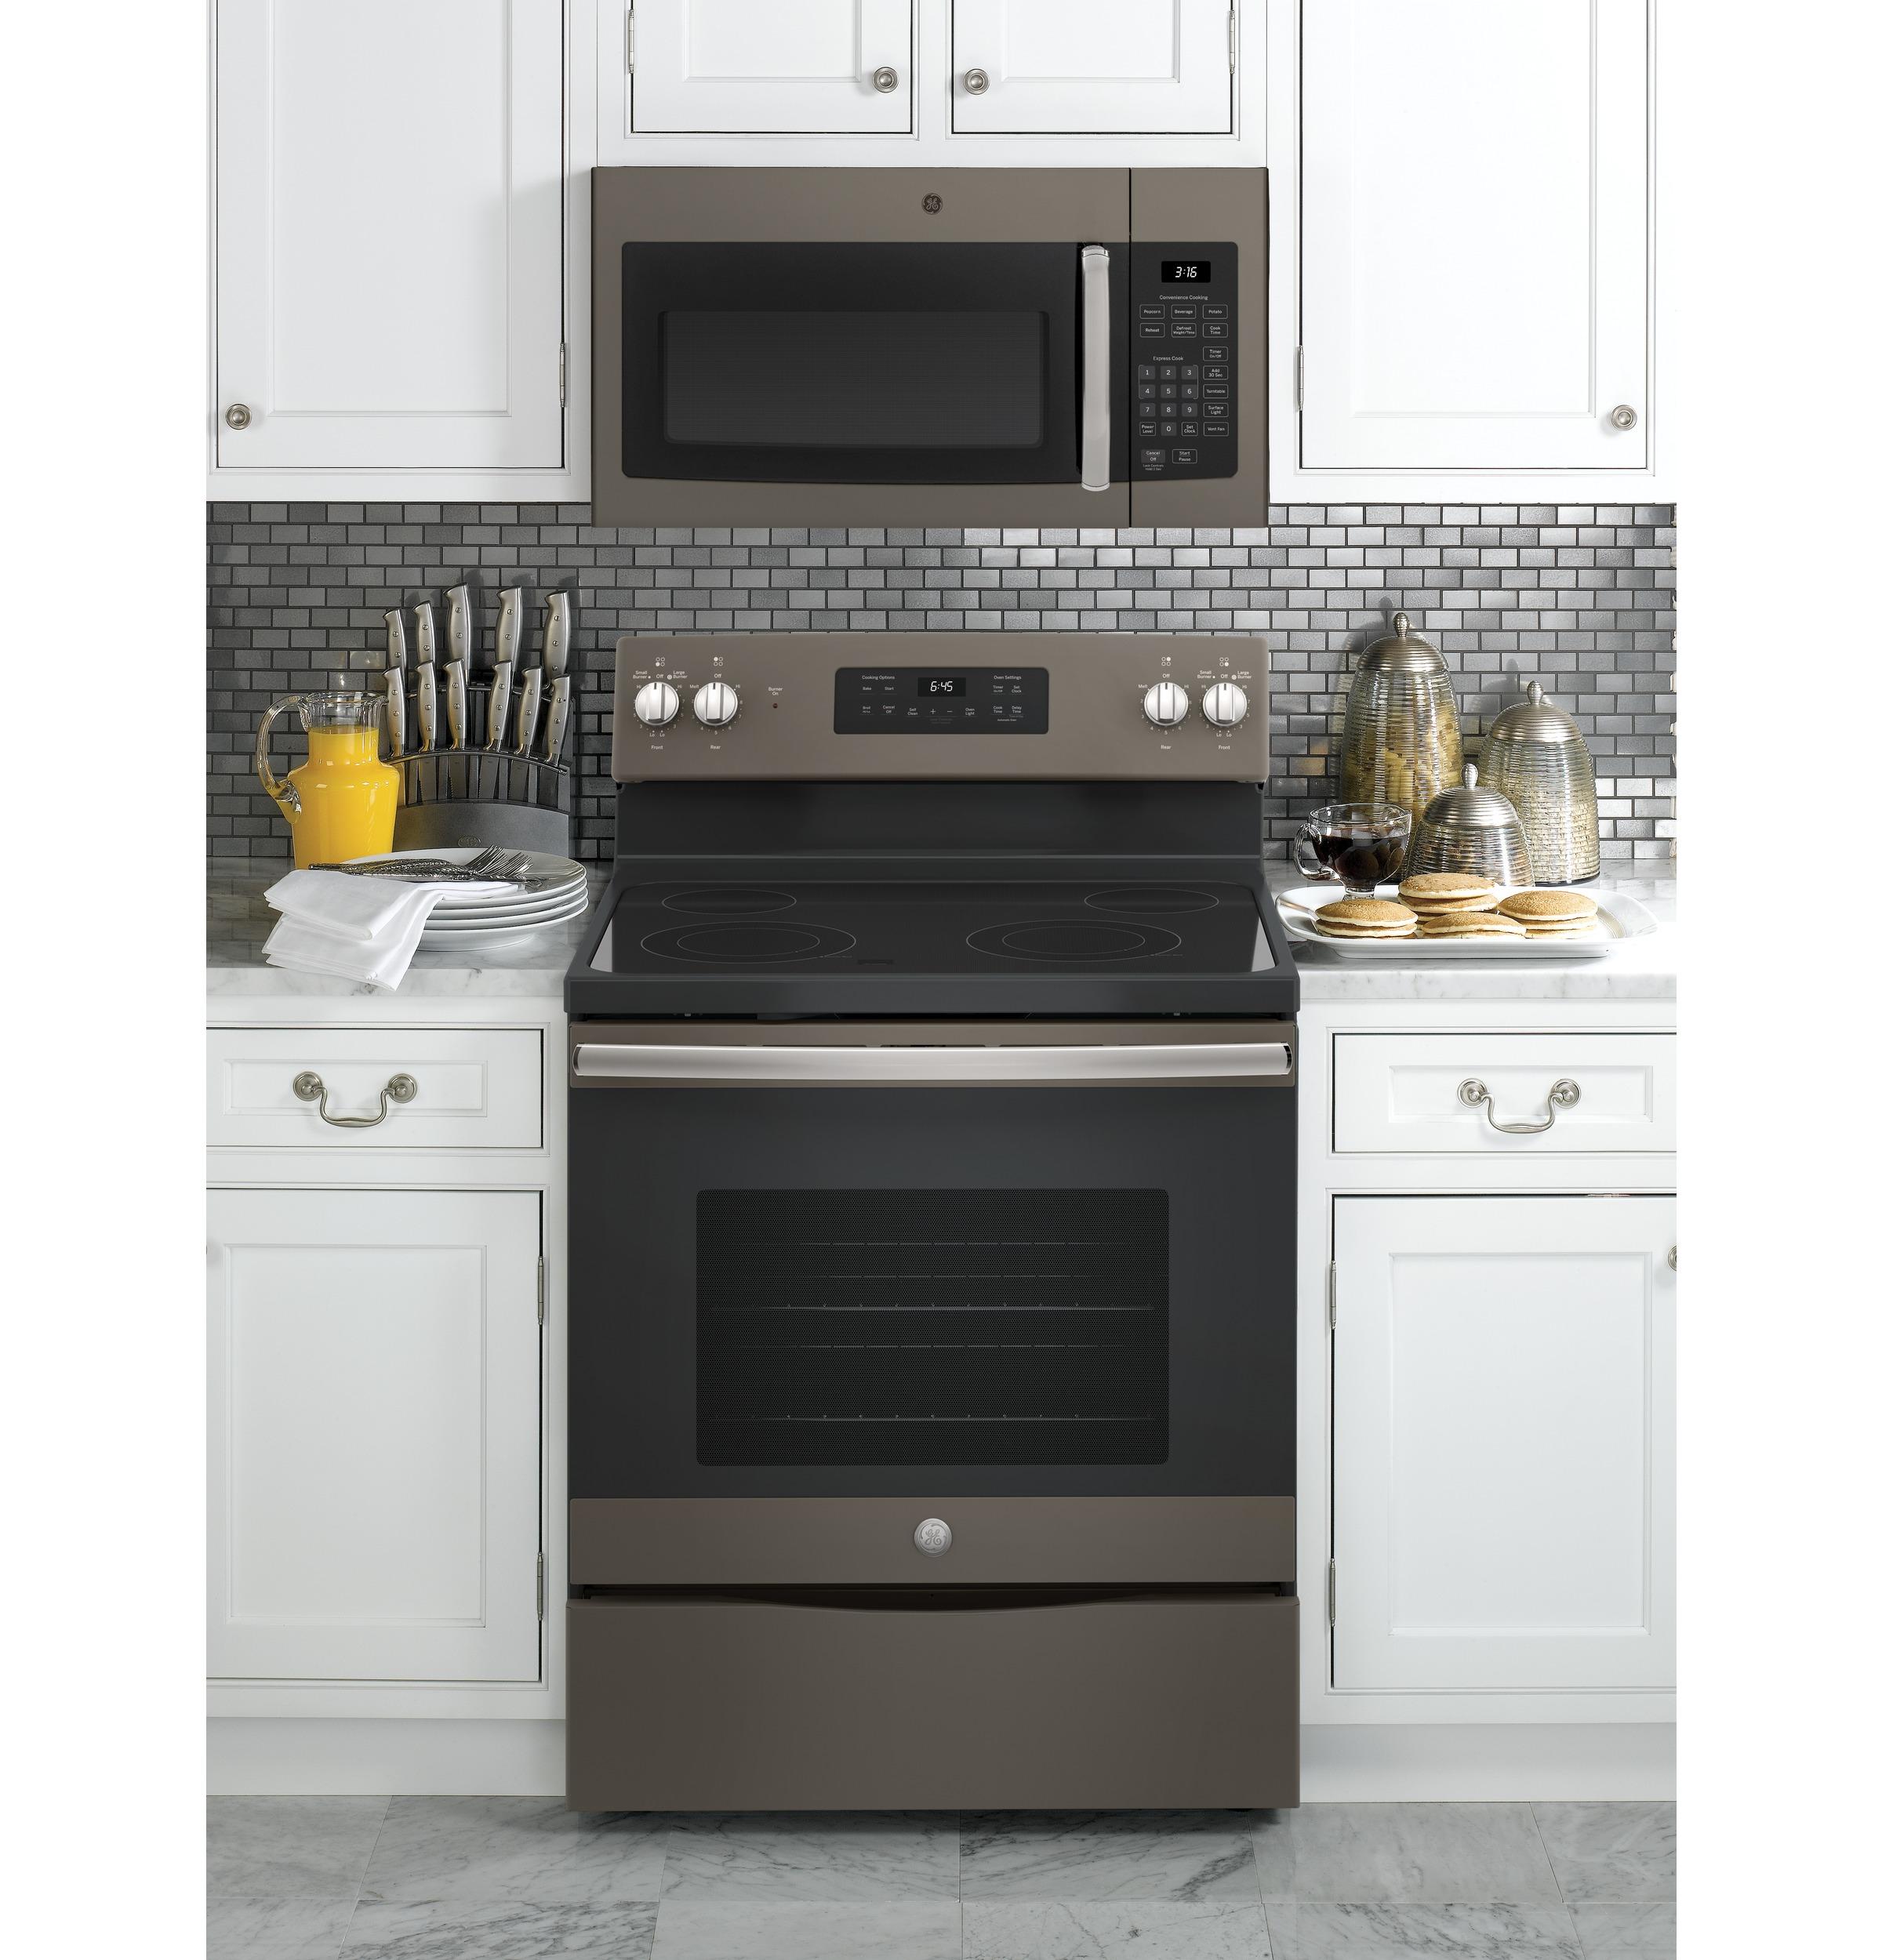 Model: JVM3160EFES   GE GE® 1.6 Cu. Ft. Over-the-Range Microwave Oven